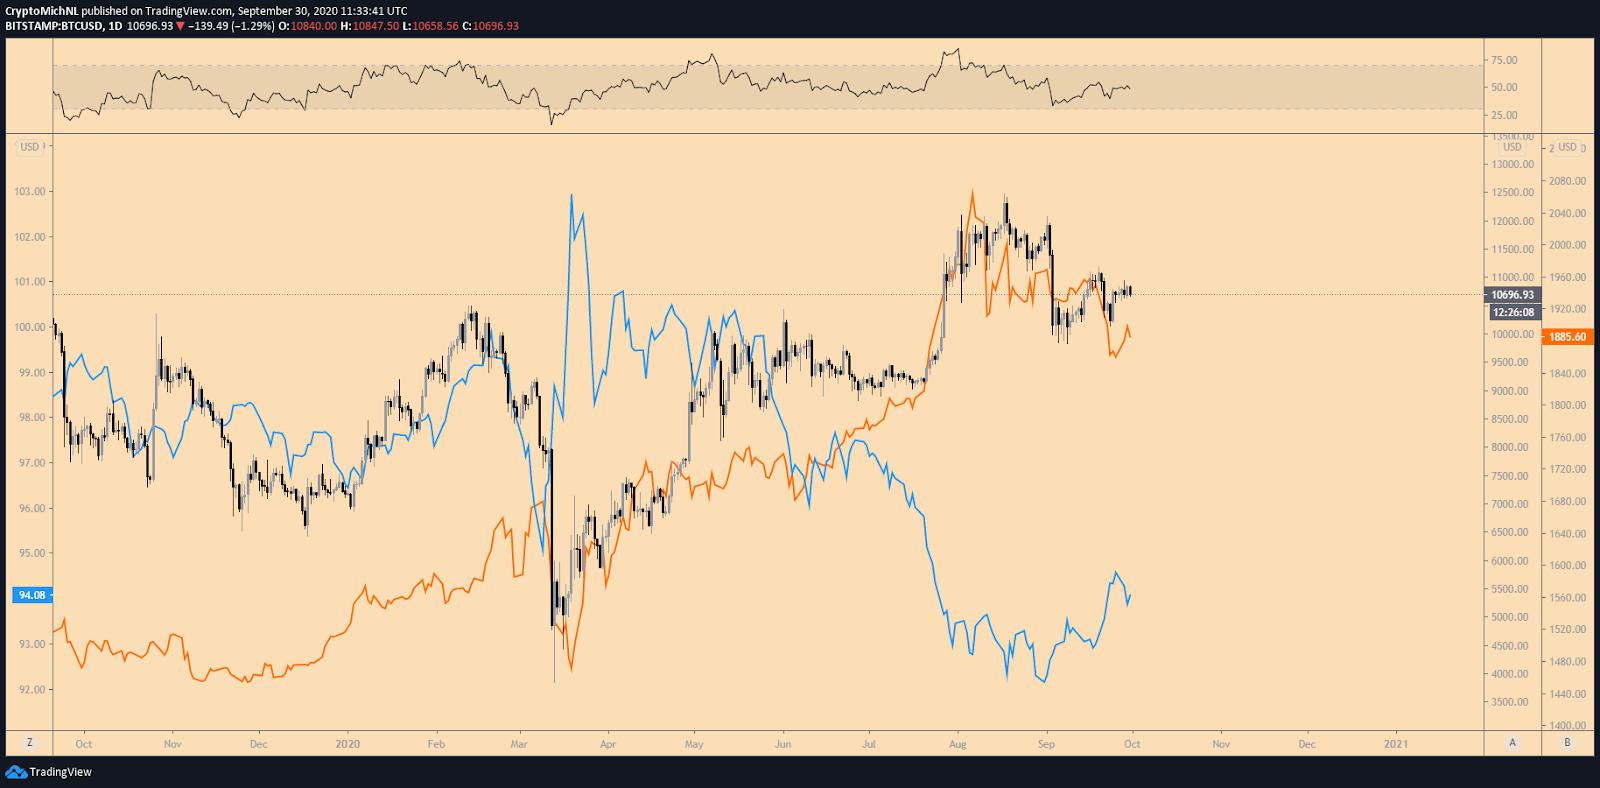 График котировок биткоина (черный), золота (оранжевый) и индекса DXY (синий)